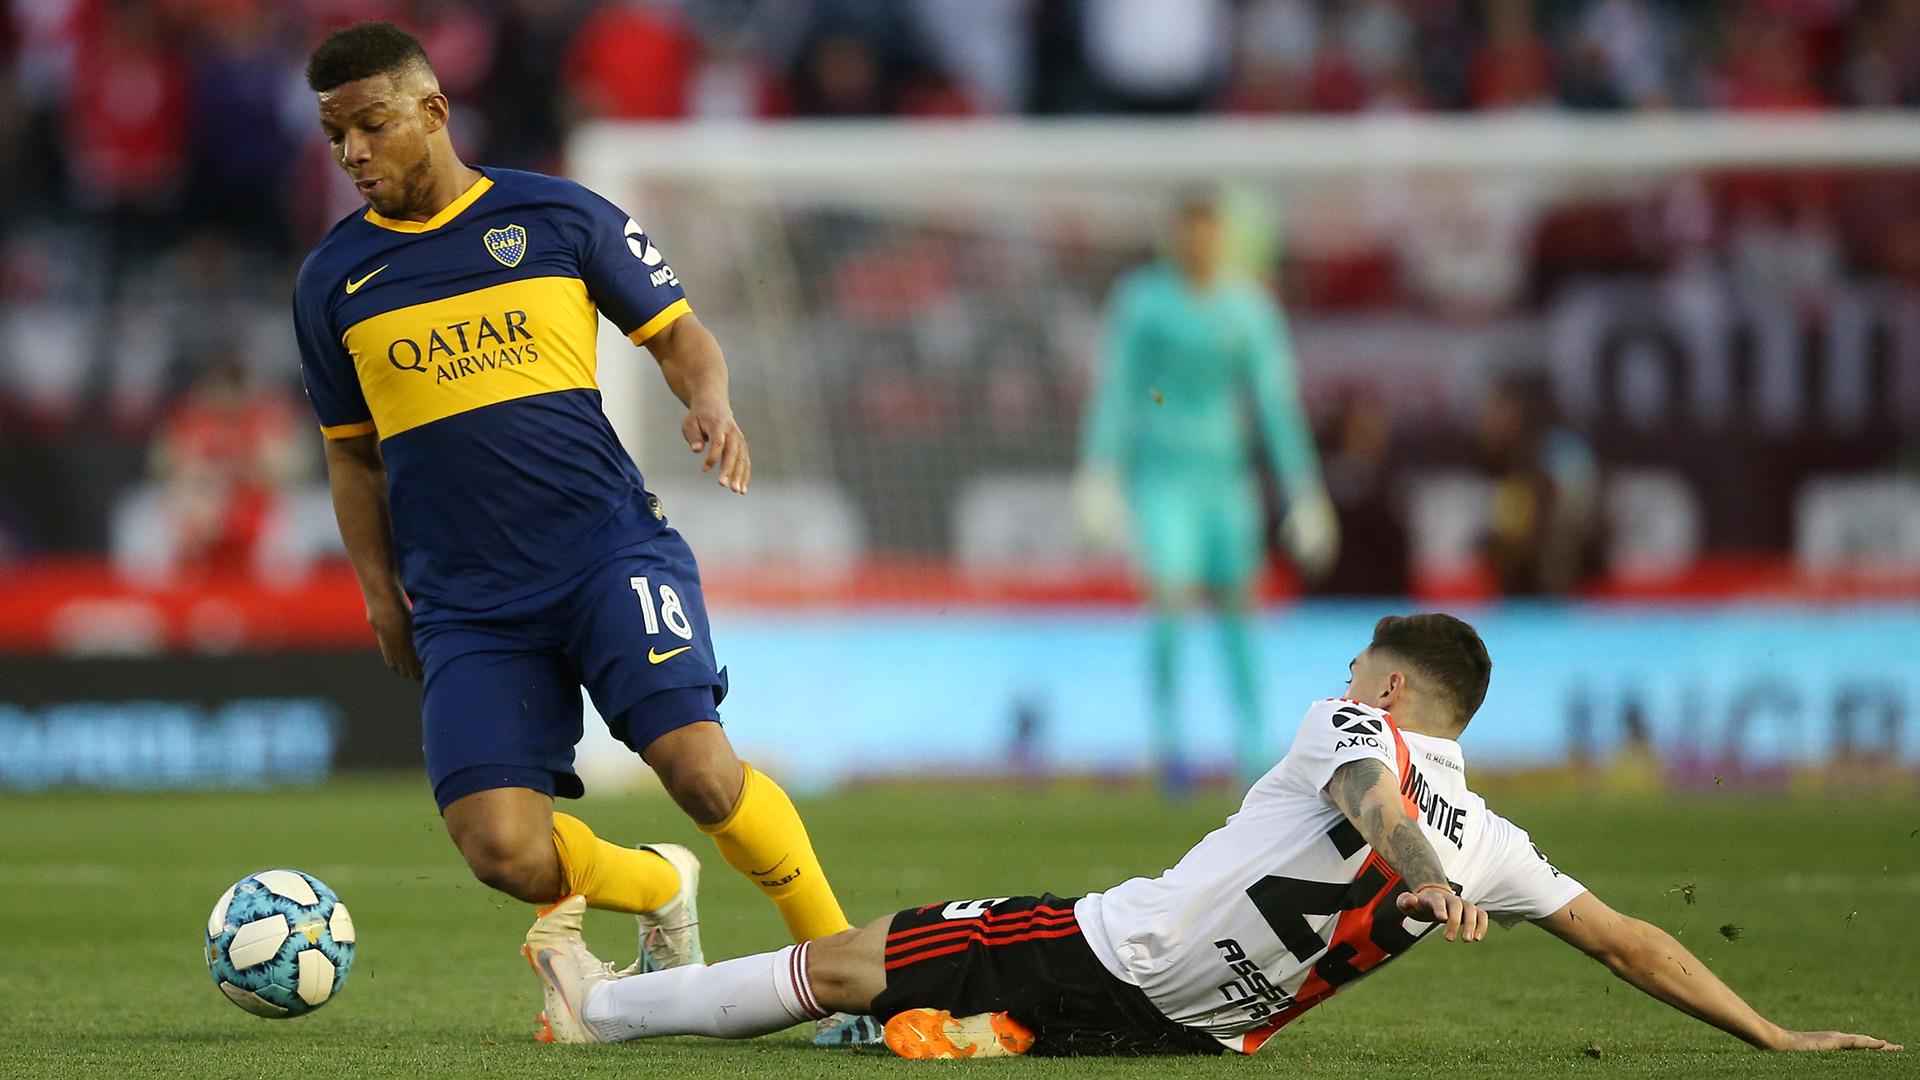 Sobre el final, Boca tuvo más la pelota y se acercó al arco de Armani pero sin poder romper la paridad